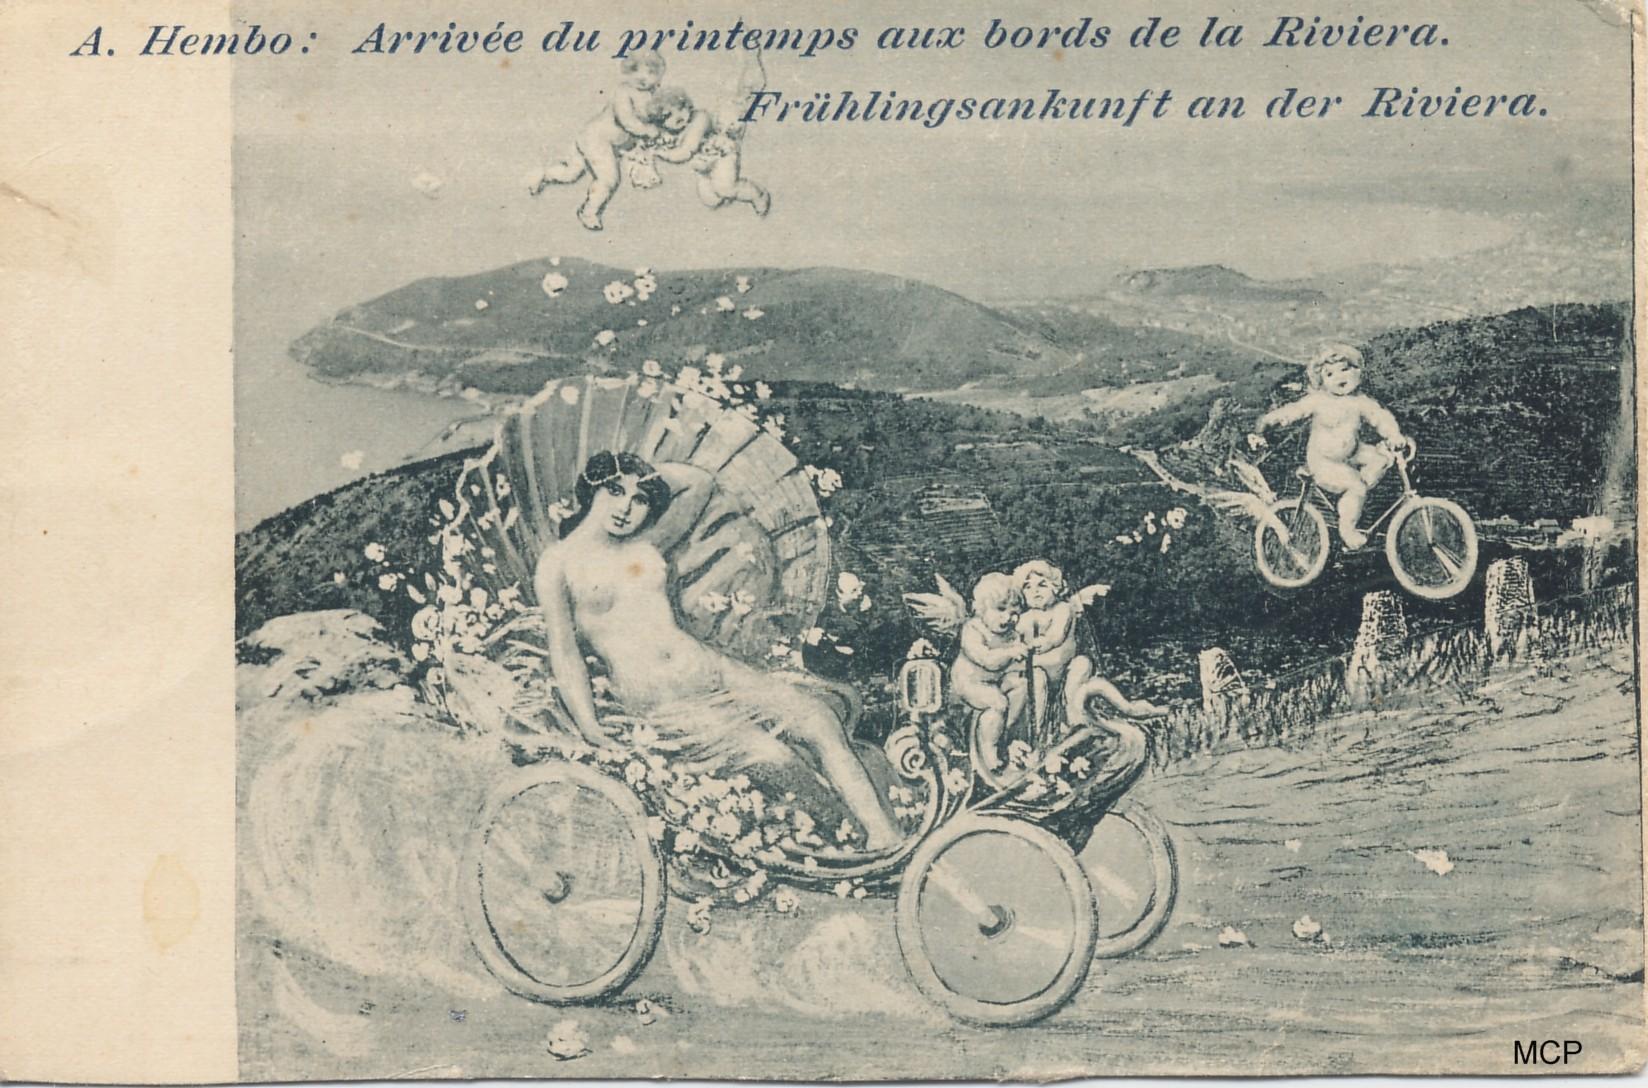 Carte postale publicitaire crée par Hembo, annonçant la grande exposition de cartes postales à Nice en 1899. Elle est bien sûr exposée dans le musée de la carte postale à Antibes.